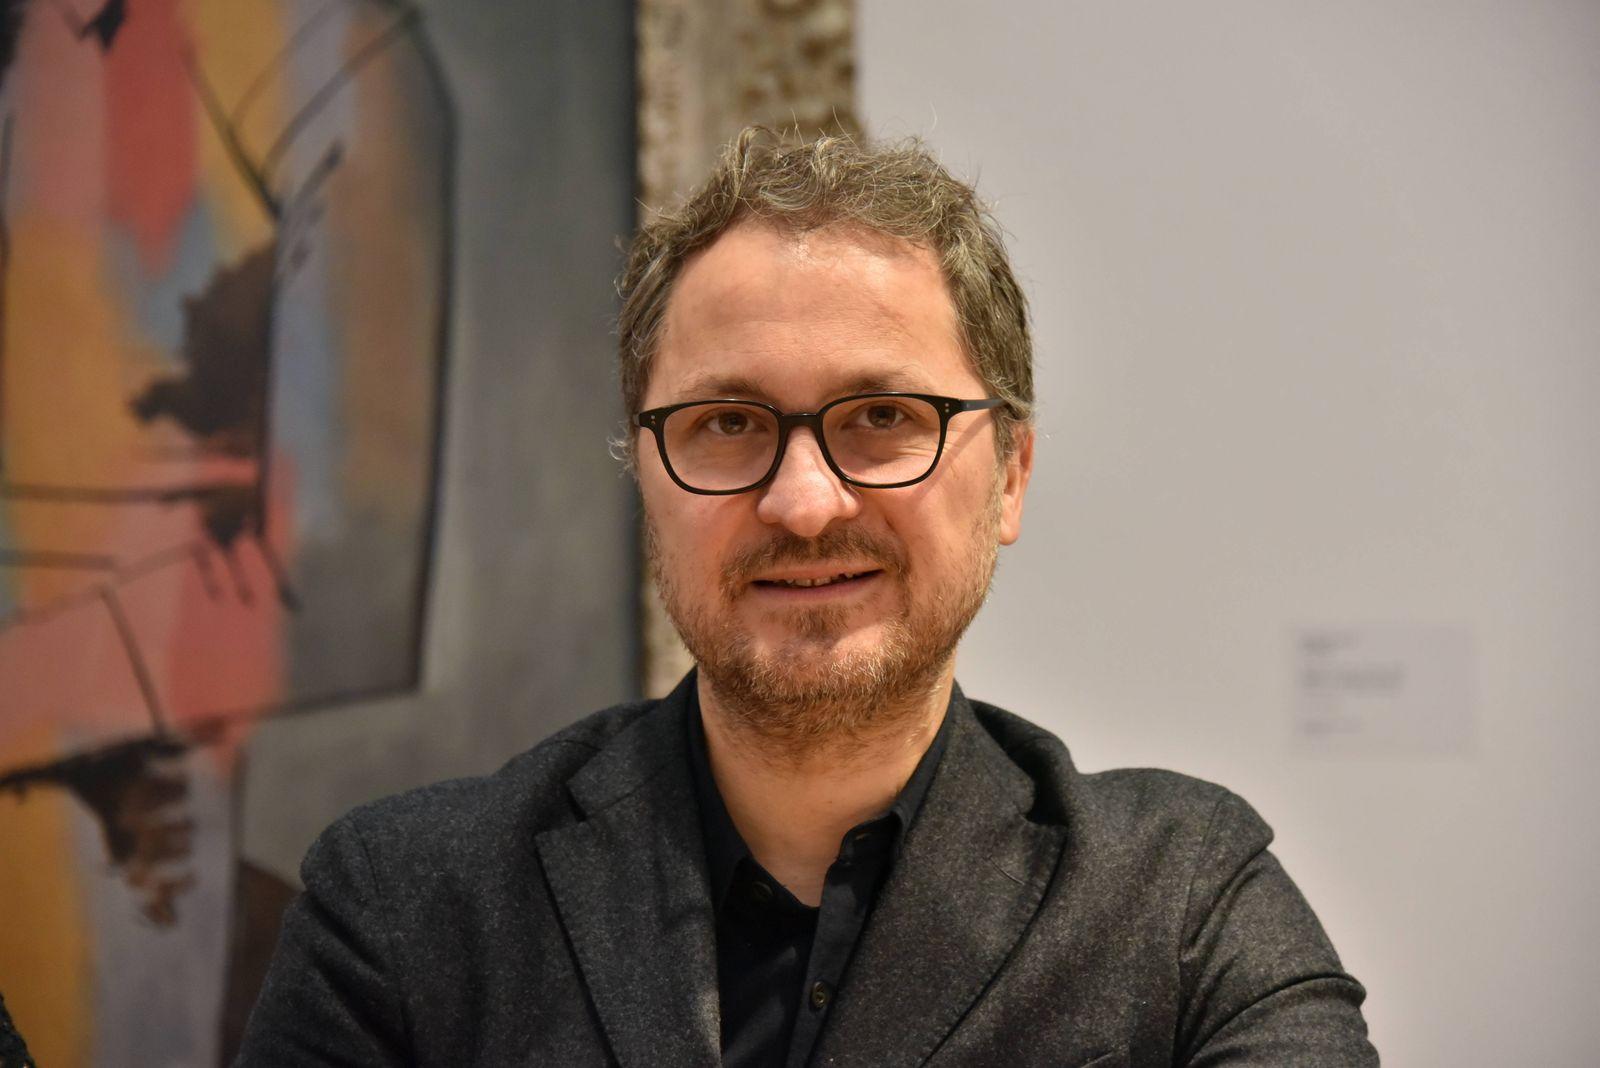 Dr Yilmaz Dziewior Direktor Museum Ludwig Köln am 20 12 2017 in Köln bei der Unterzeichnung des V